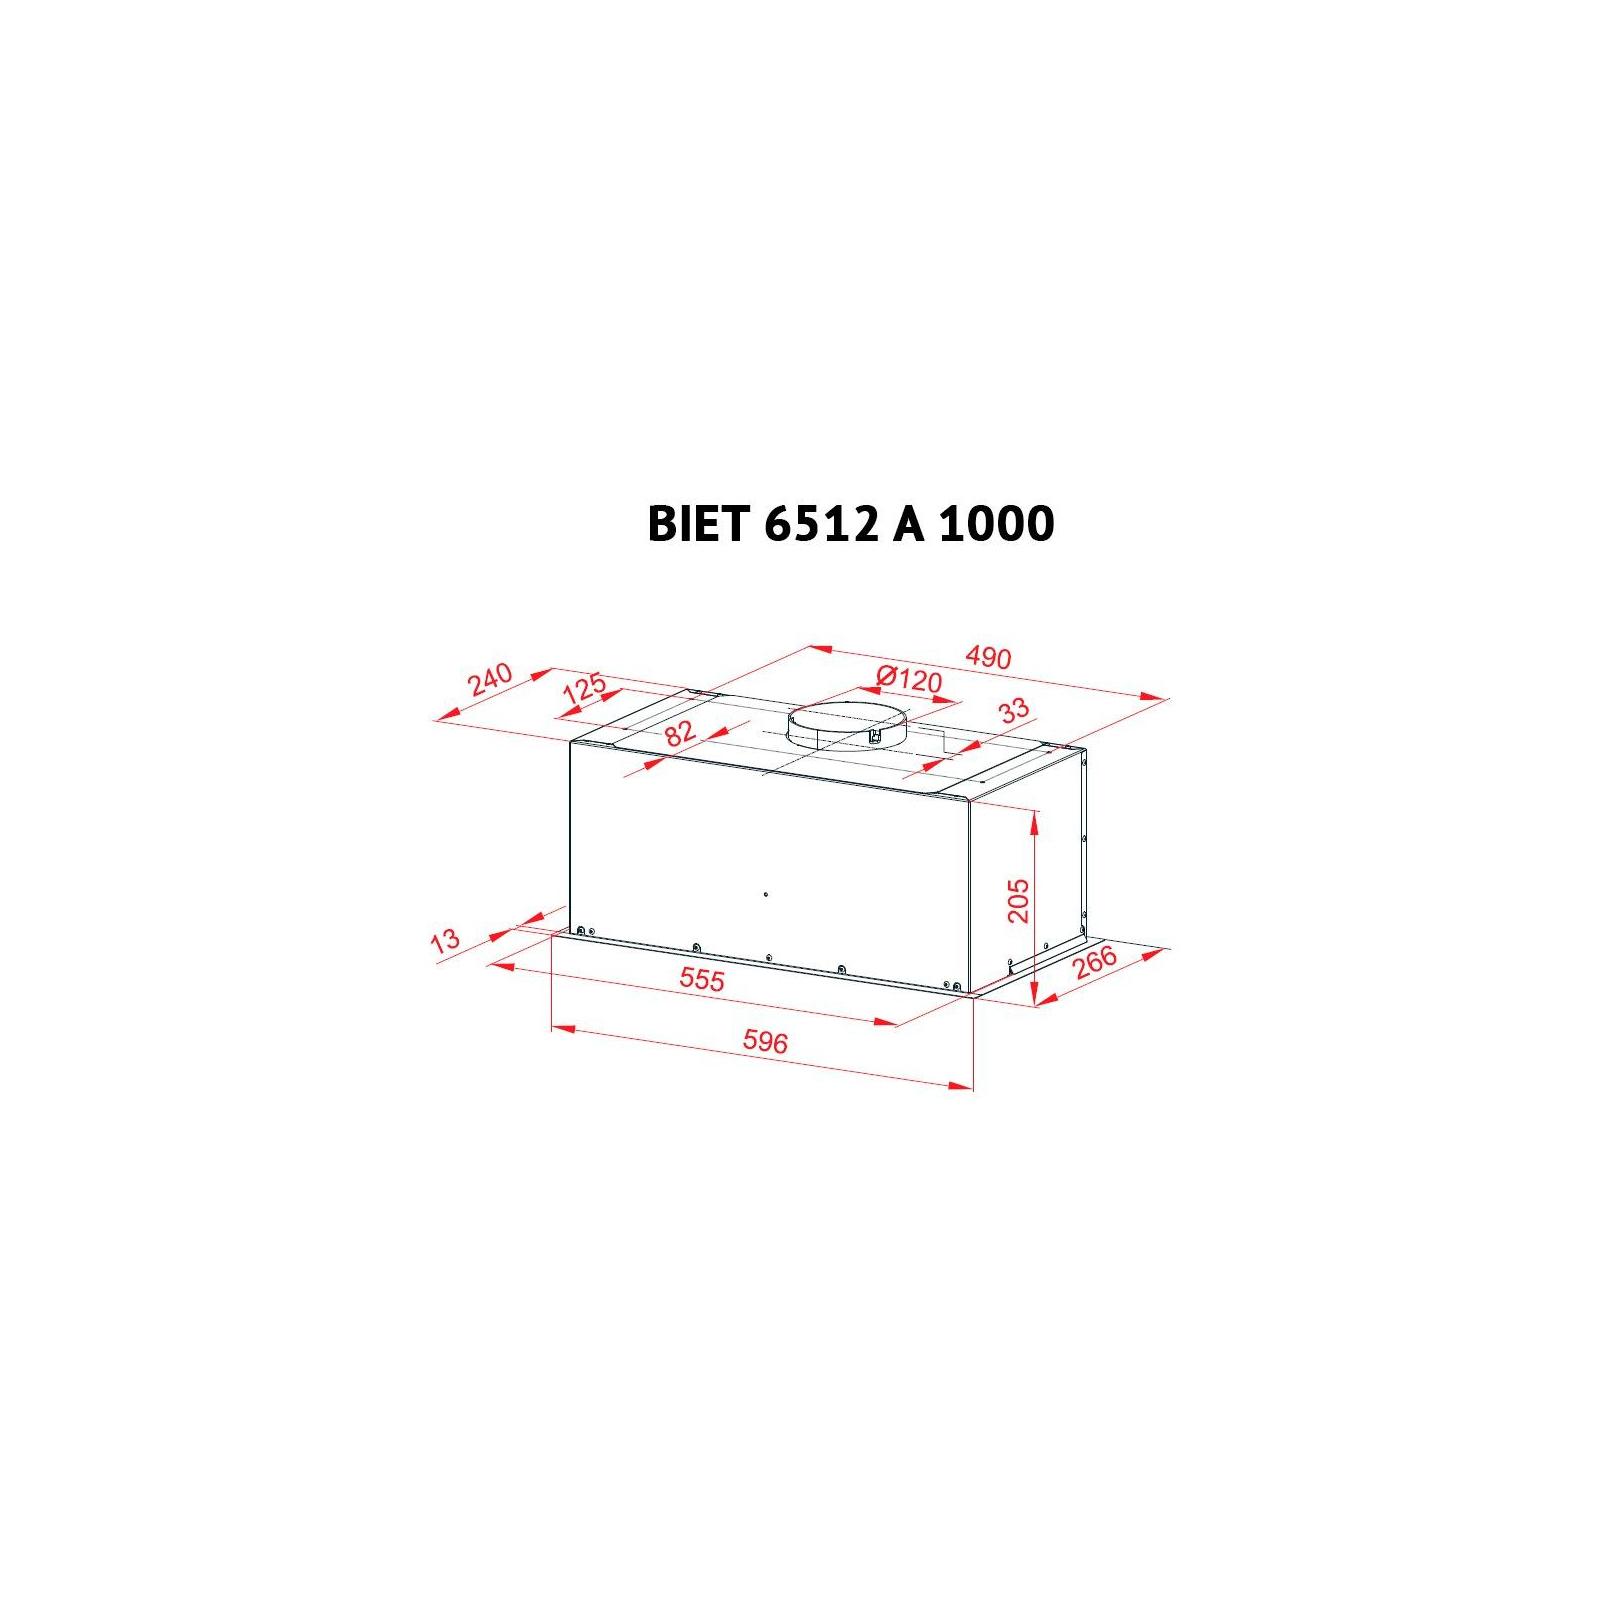 Вытяжка кухонная PERFELLI BIET 6512 A 1000 DARK IV LED изображение 7